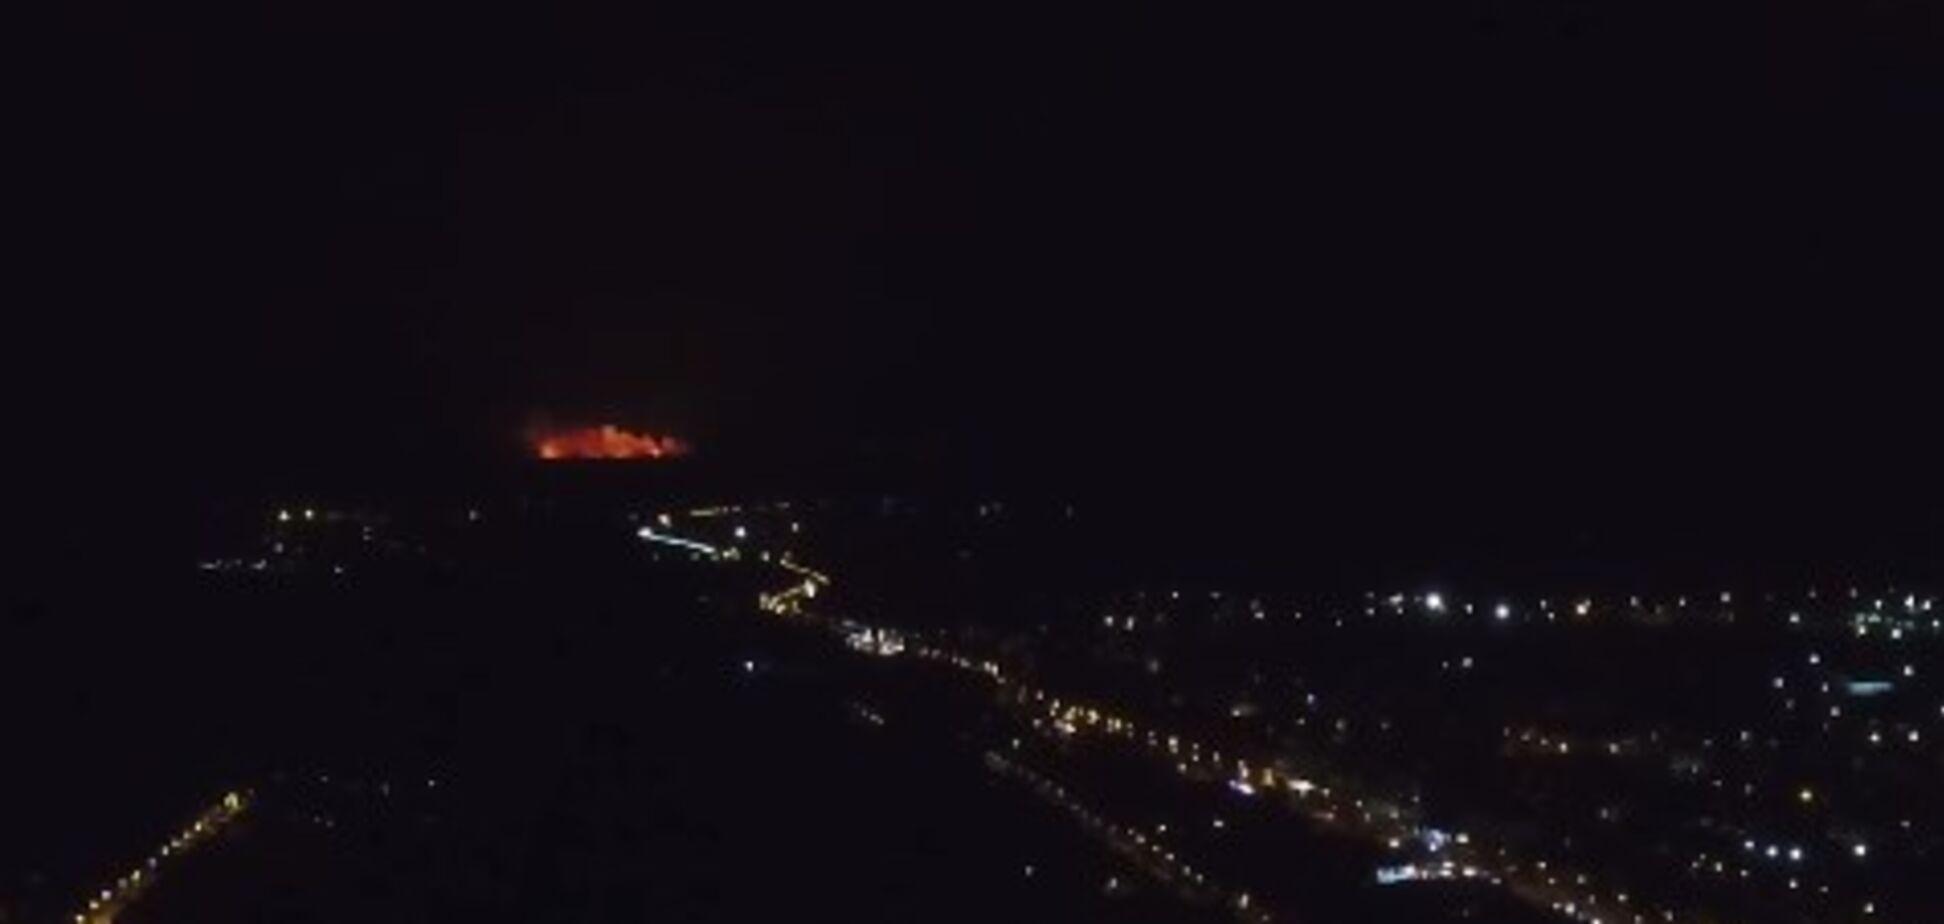 Пожар на складах в Калиновке показали с высоты птичьего полета